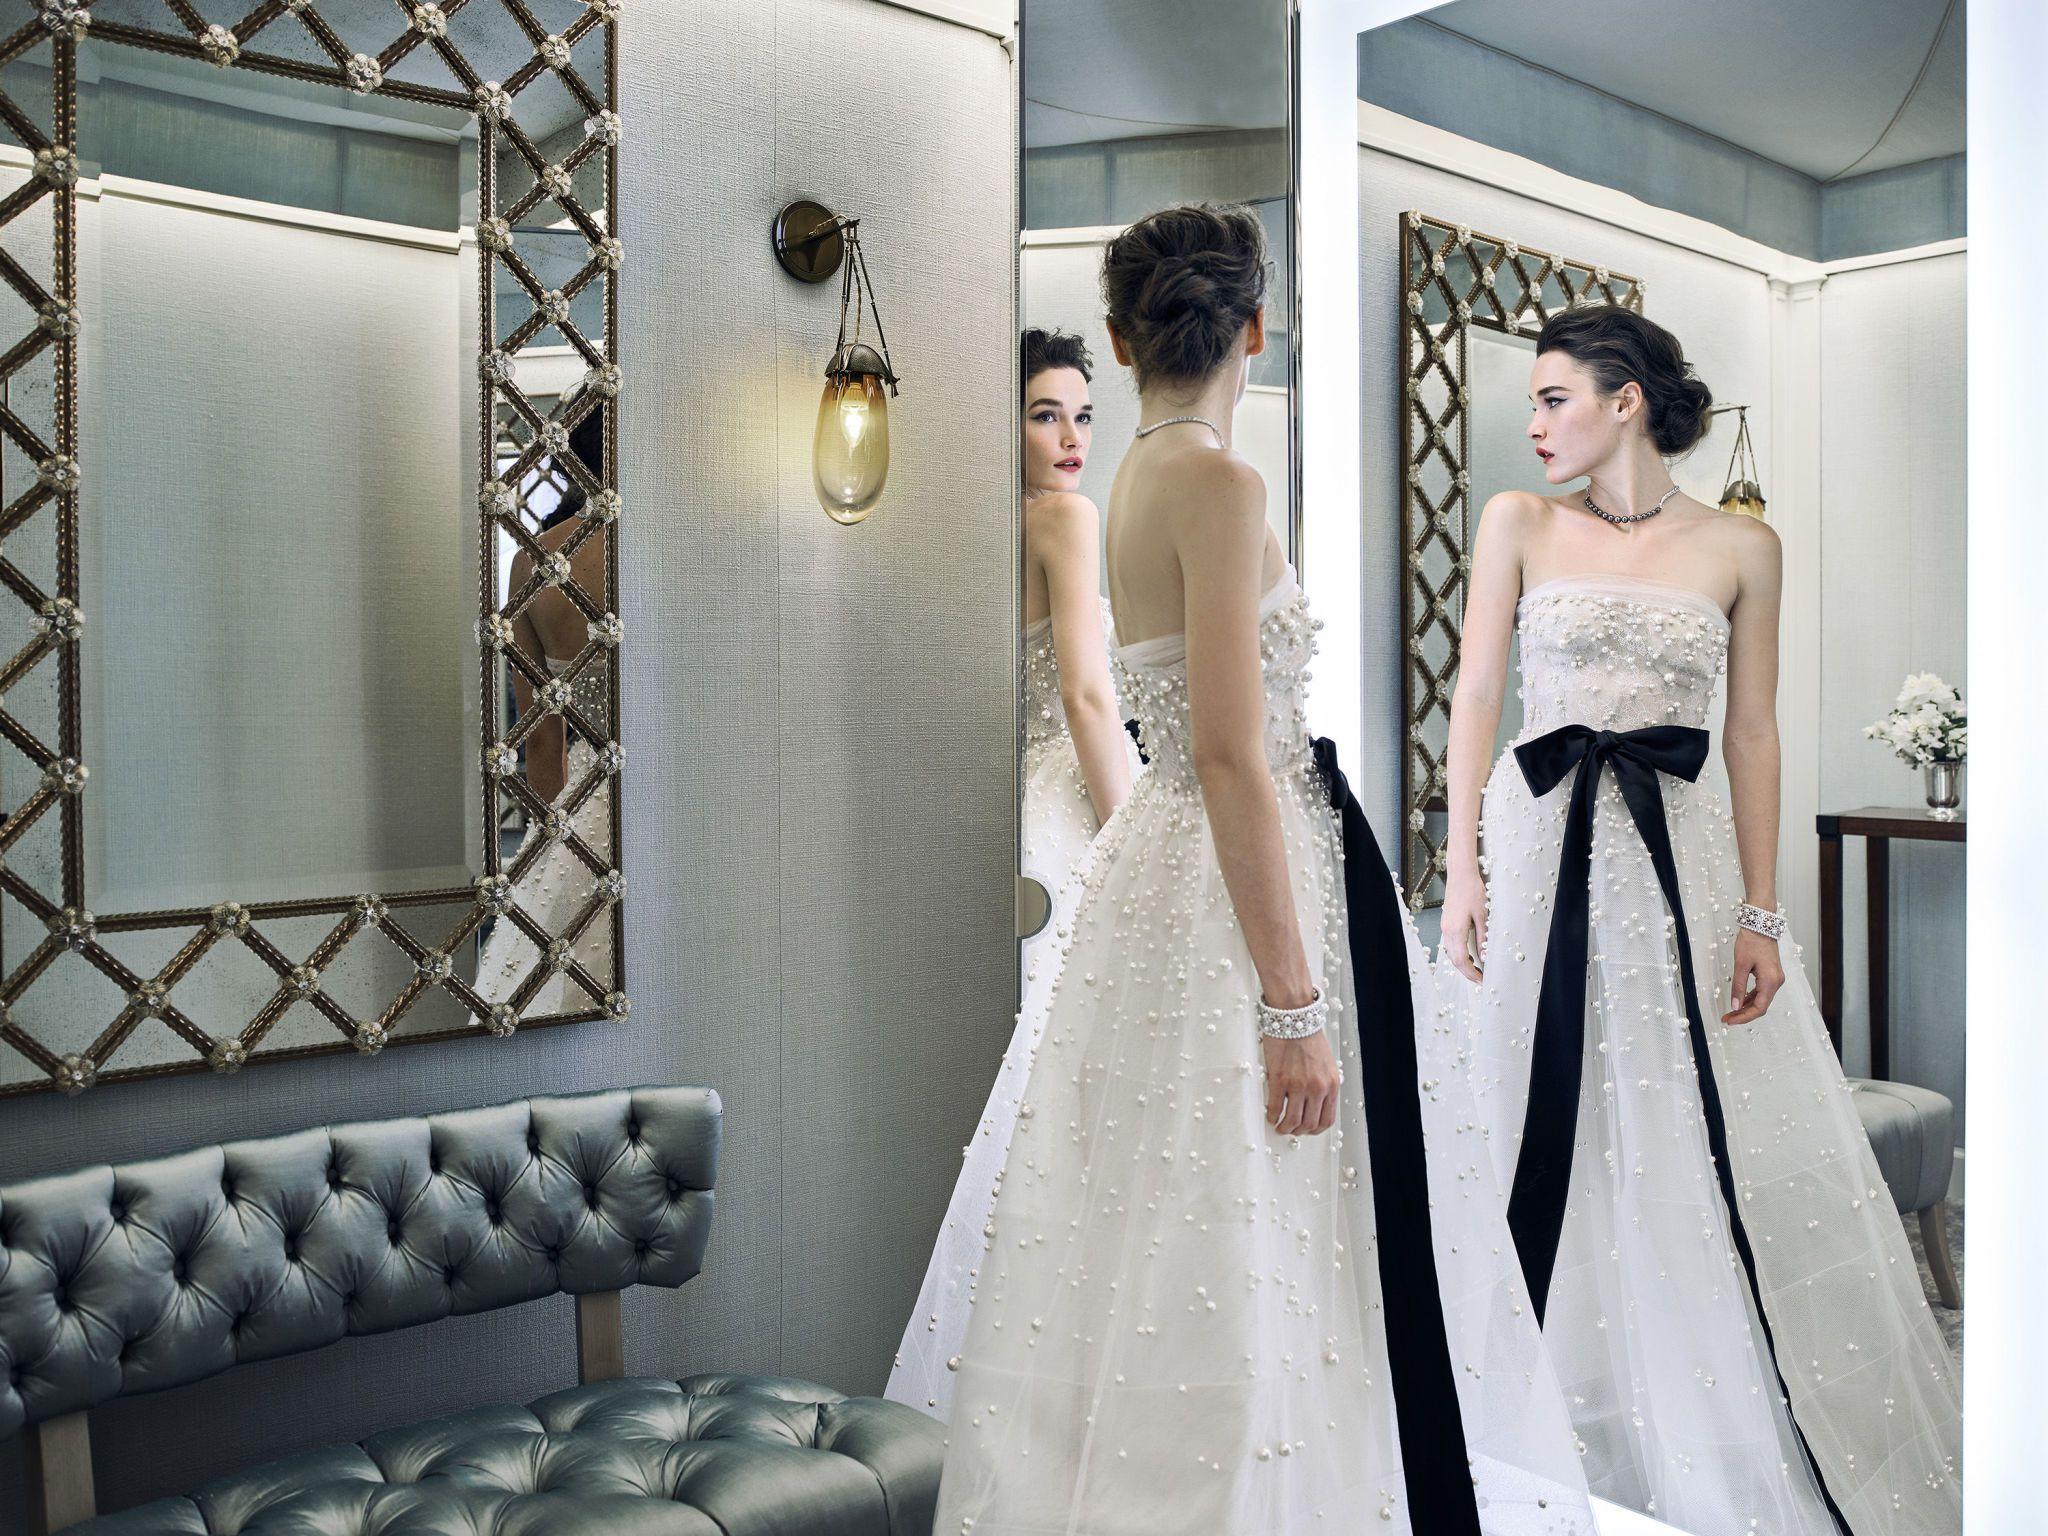 bonequinha-de-luxo-reem-acra-13 Tendências de vestidos de noiva para 2018